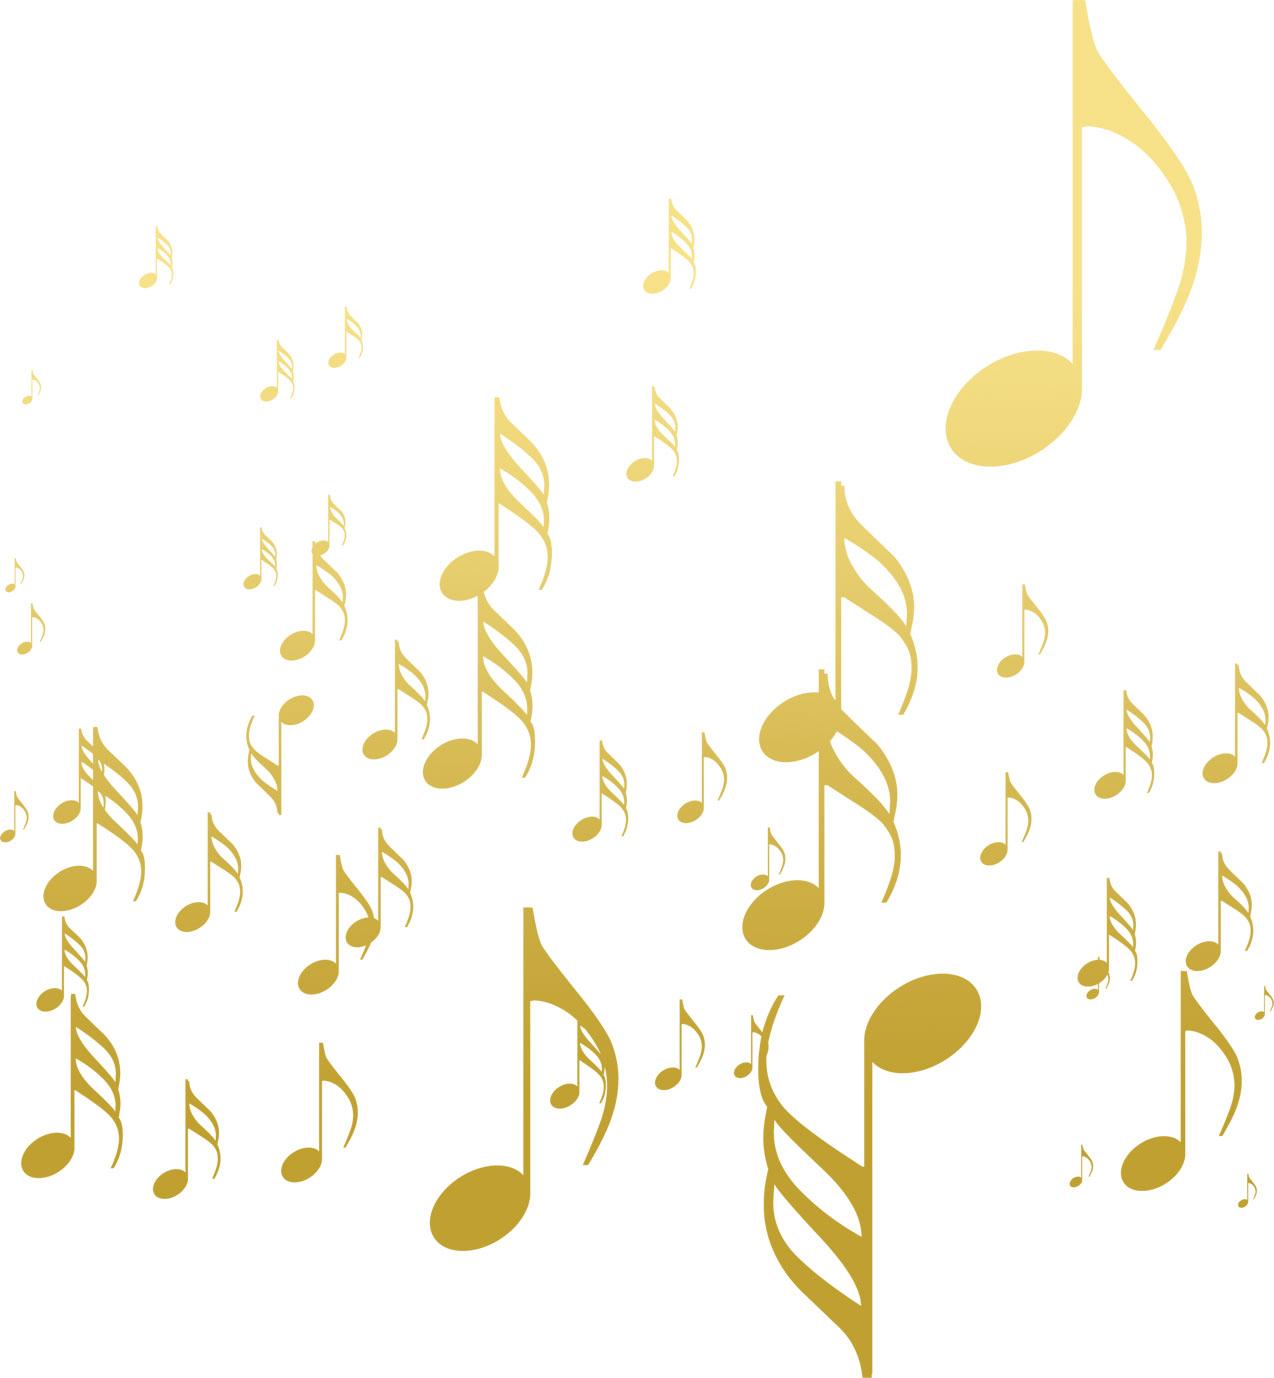 音符イラスト大小の淡い音符 無料のフリー素材